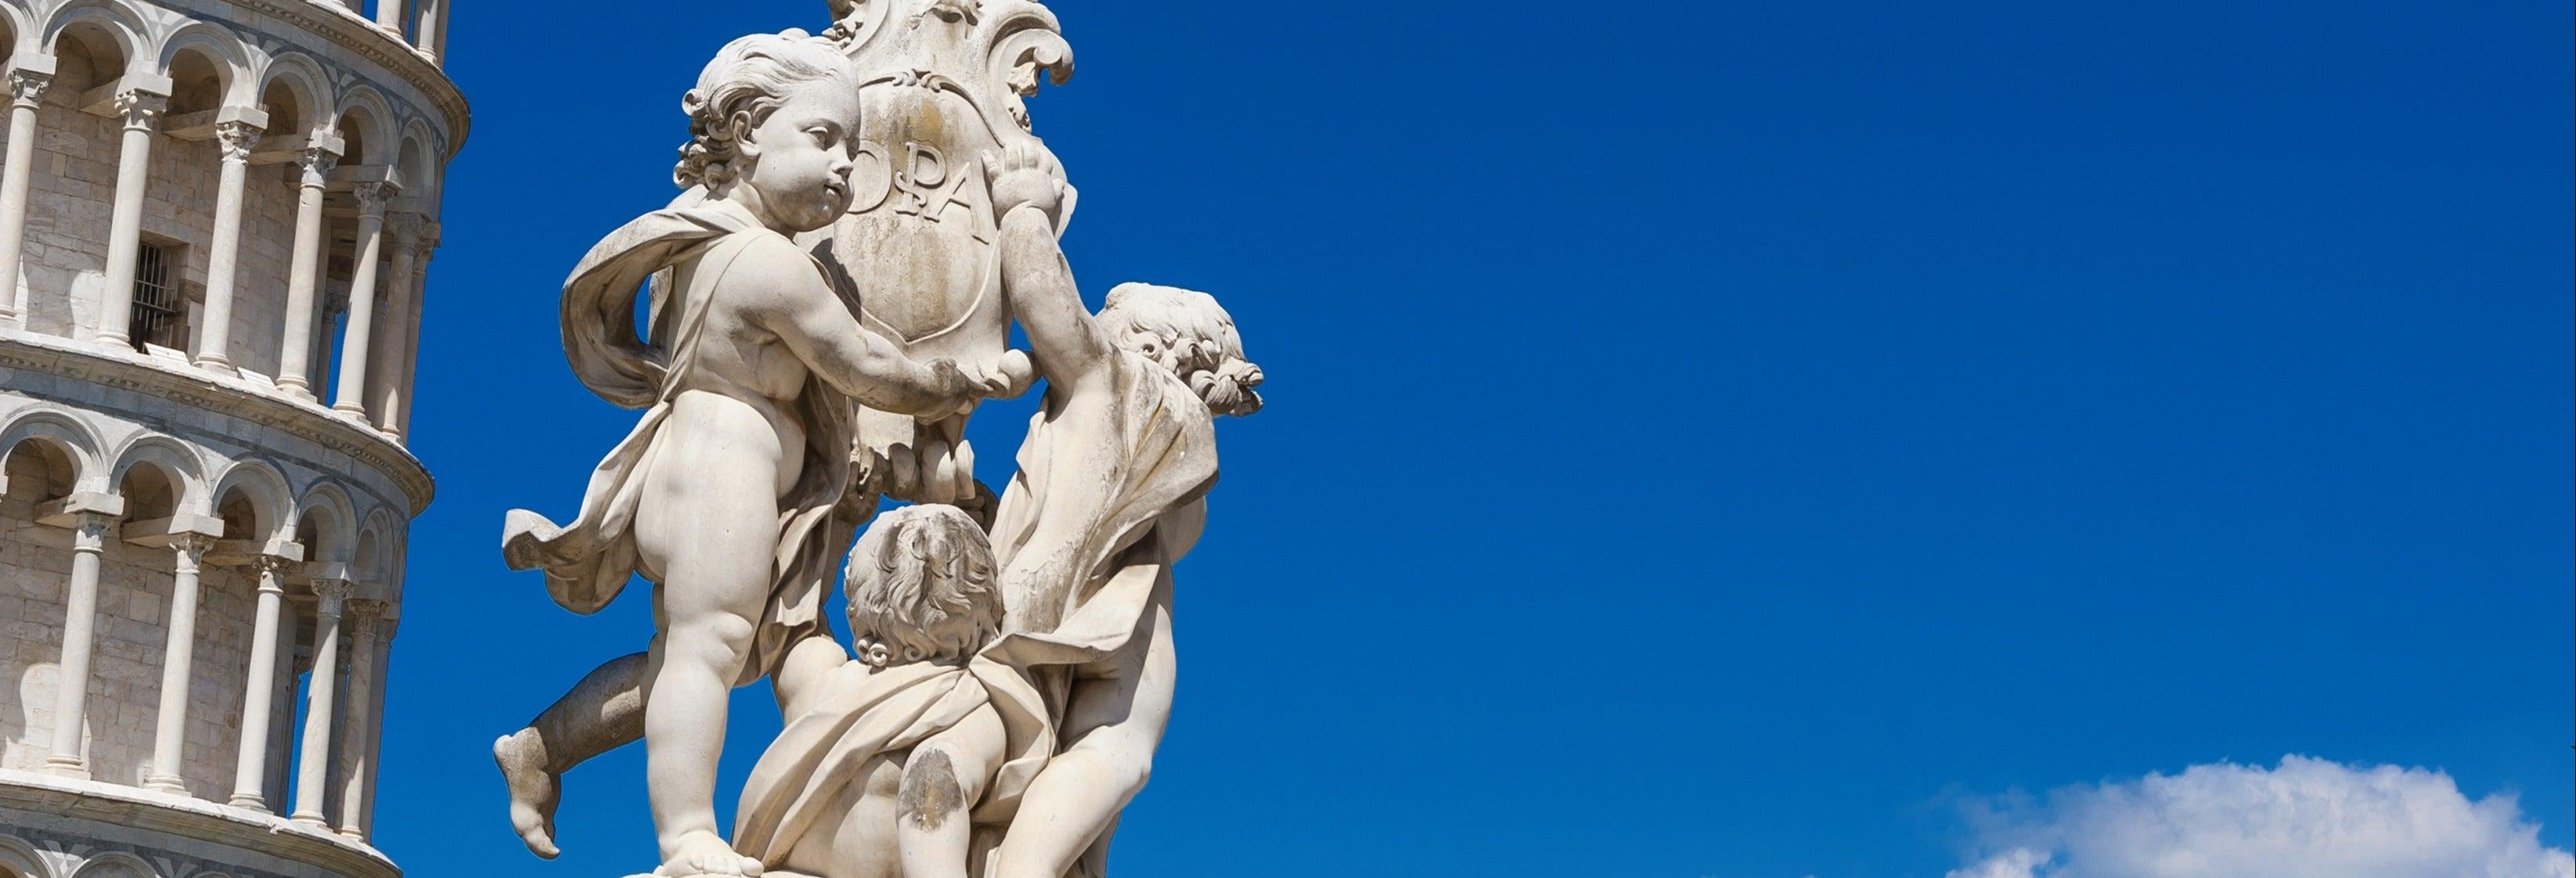 Escursione a Pisa con accesso al Duomo e alla Torre Pendente